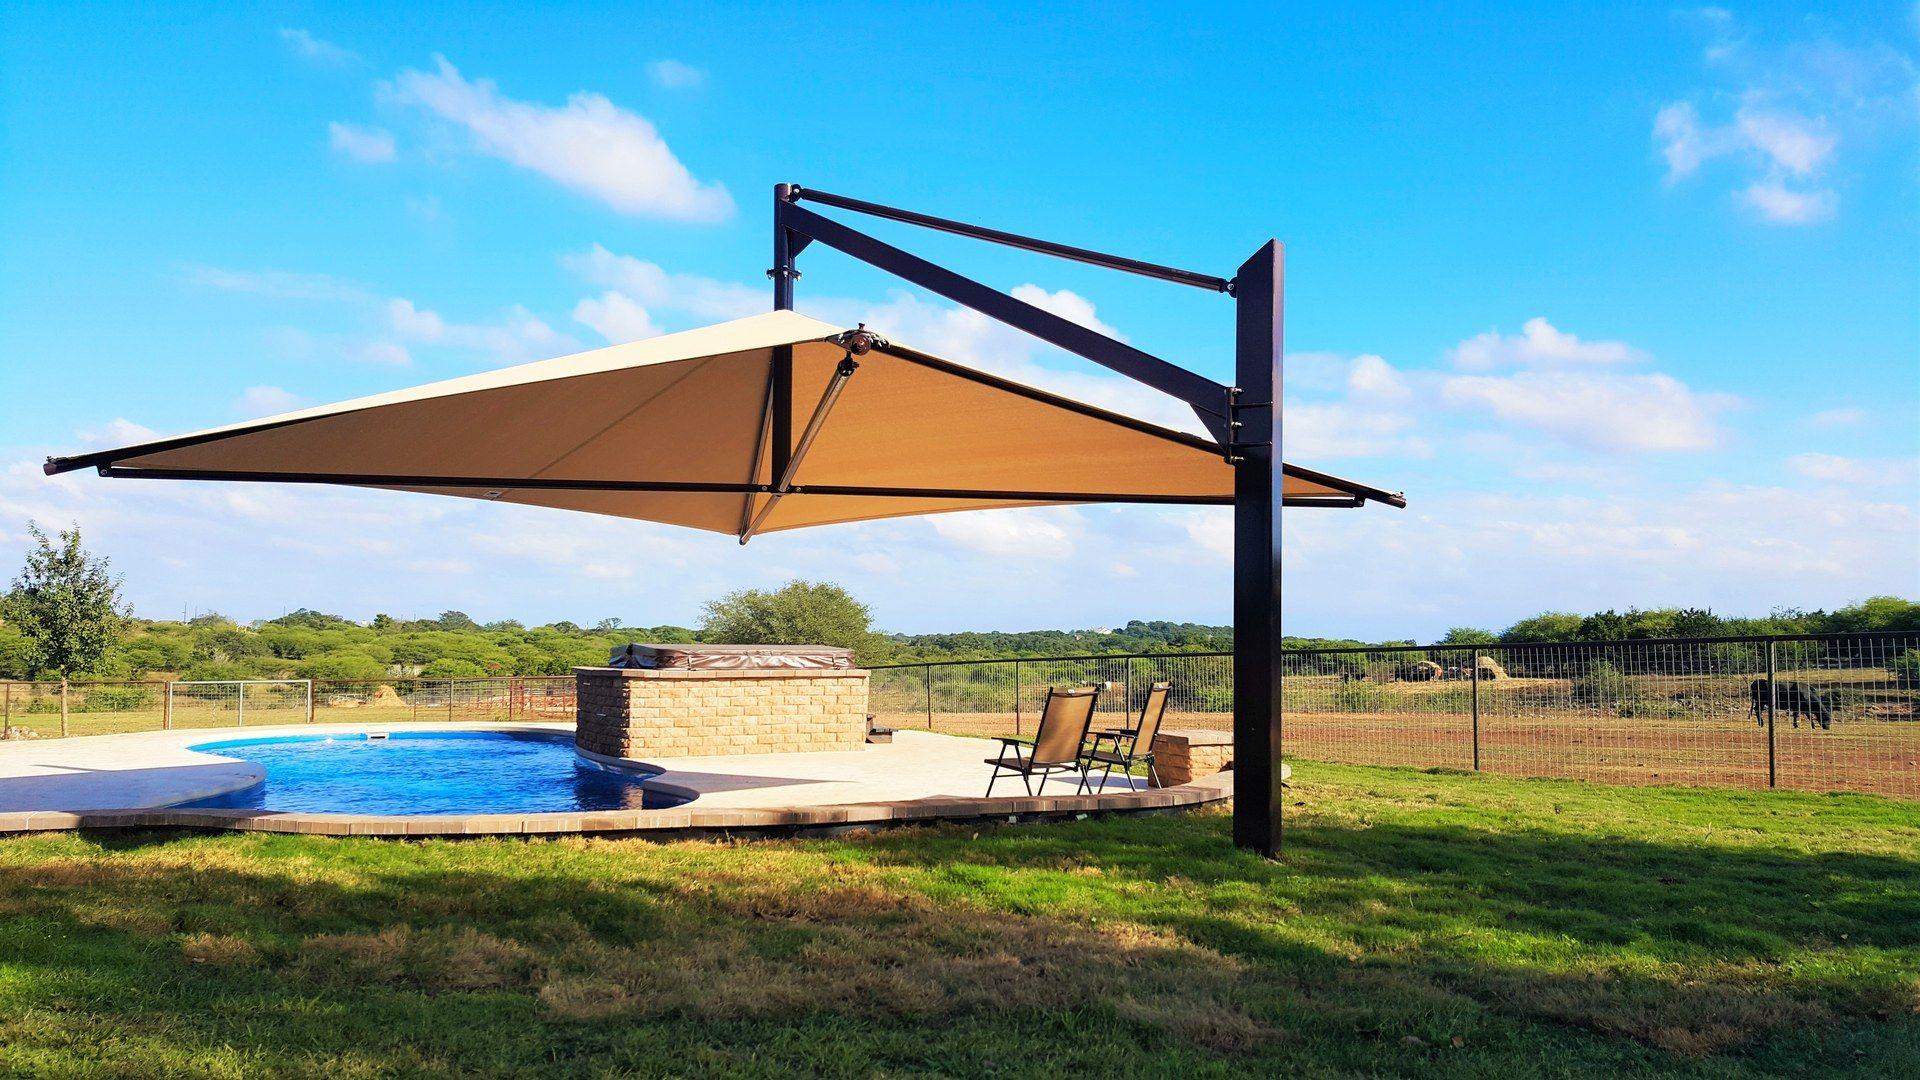 Shade Structure Pool Umbrellas